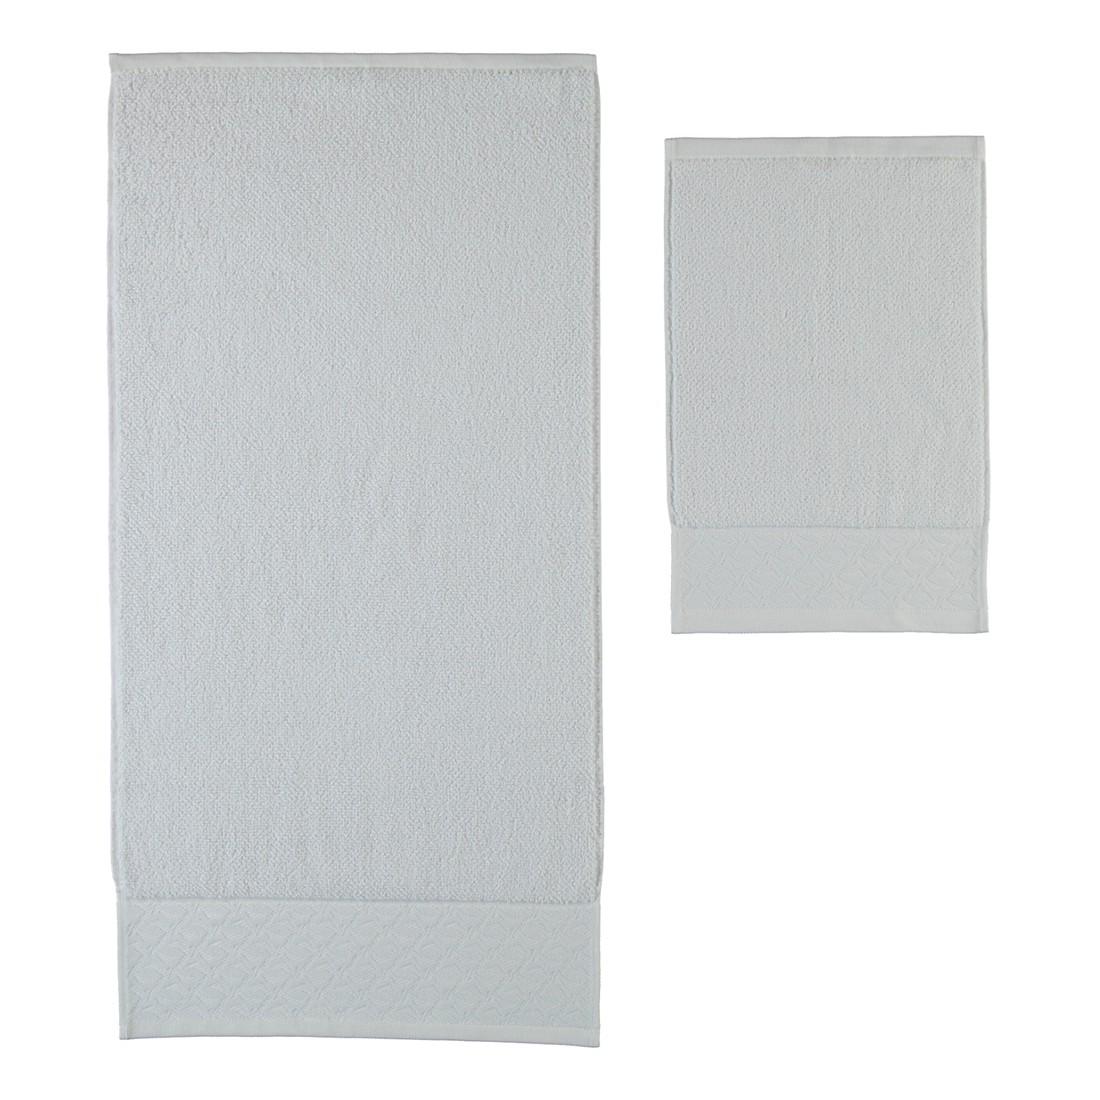 Handtücher Black & White Uni – Baumwolle – Snow – Handtuch 50×100 cm, Möve bestellen